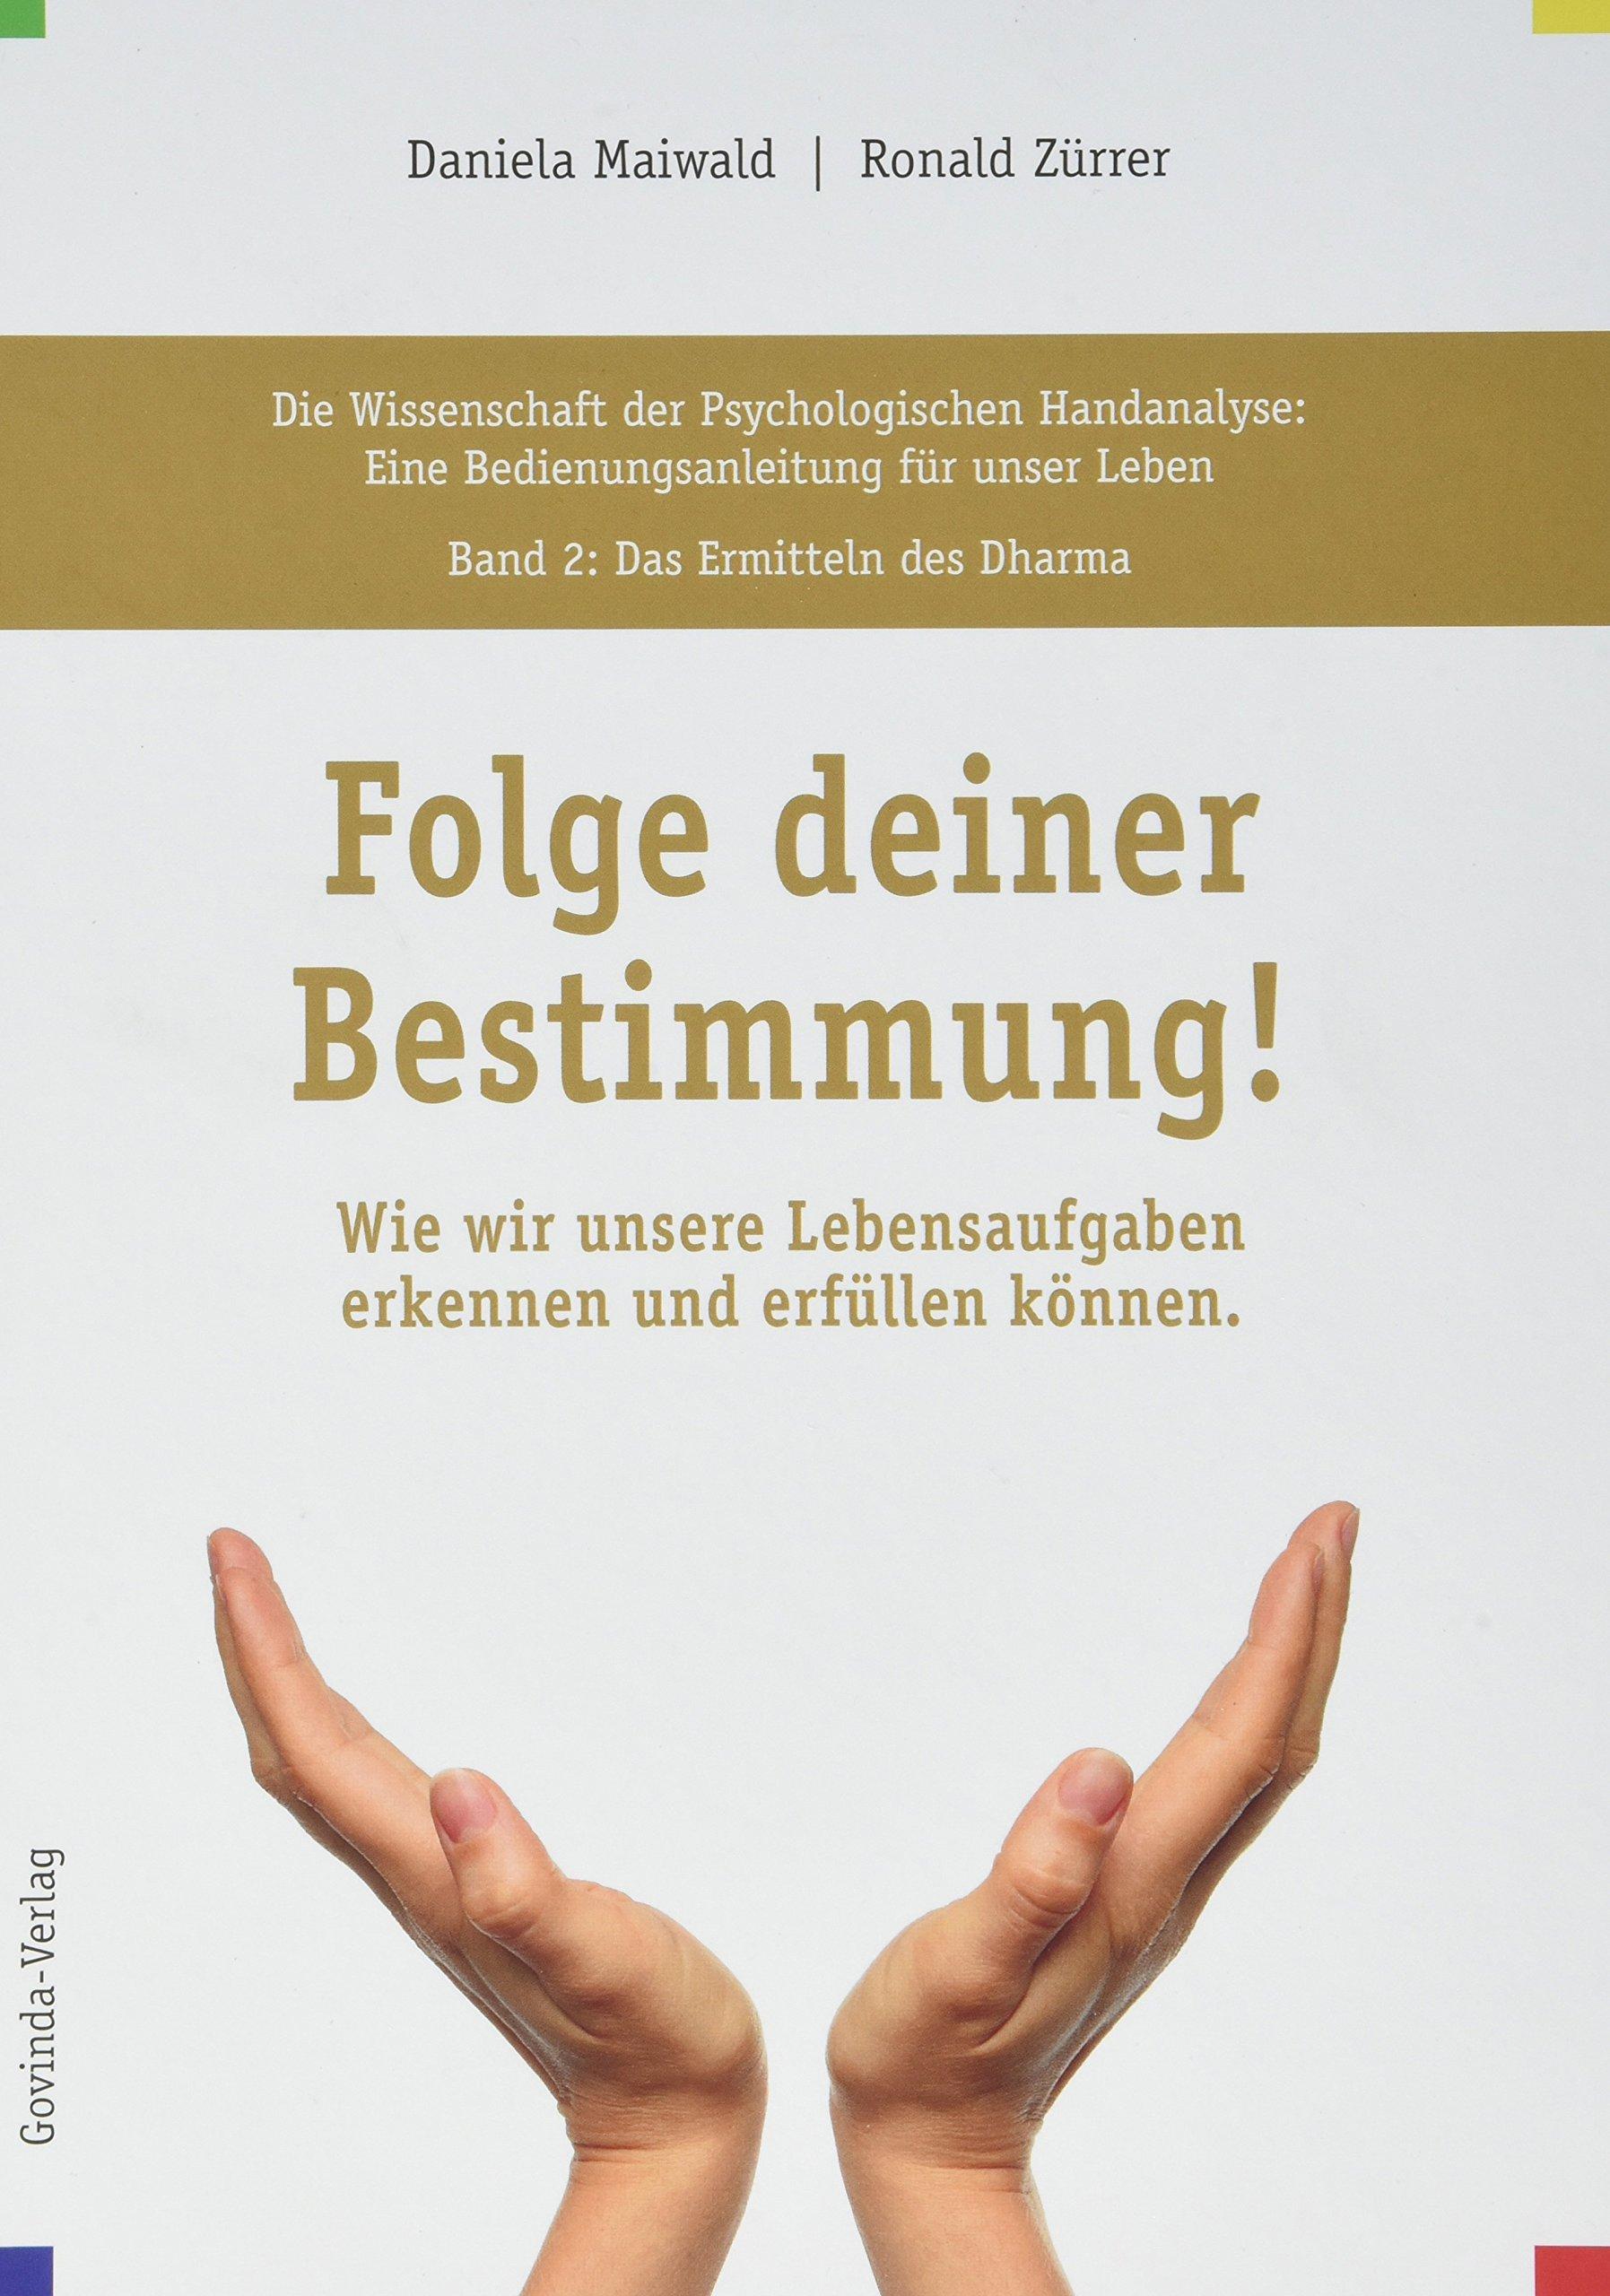 Die Wissenschaft der Psychologischen Handanalyse / Folge deiner Bestimmung!: Die Wissenschaft der Psychologischen Handanalyse, Band 2: Das Ermitteln ... Lebensaufgaben erkennen und erfüllen können.